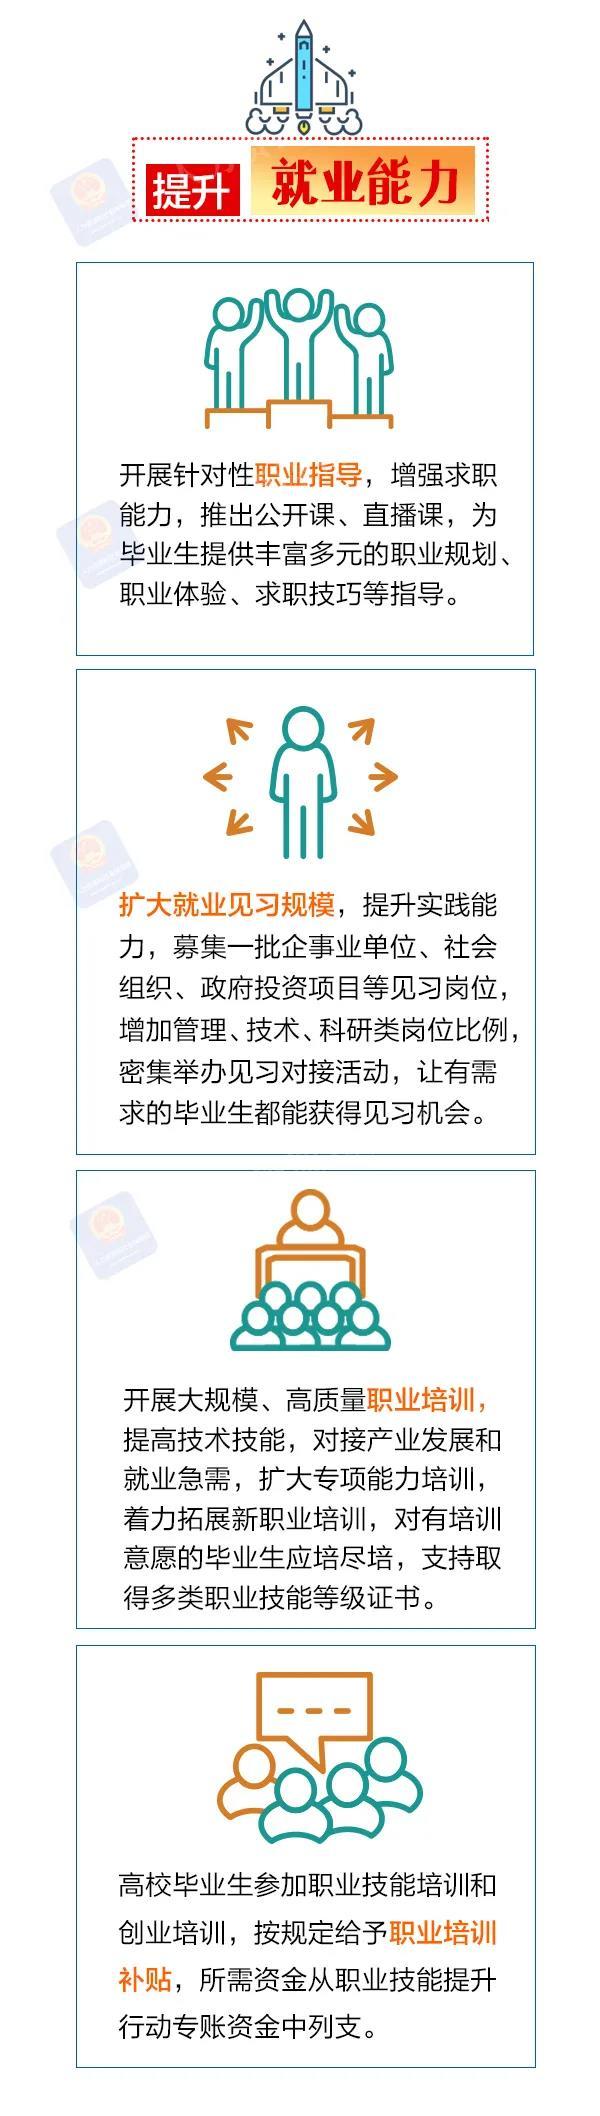 高校毕业生就业创业推进行动5.jpg